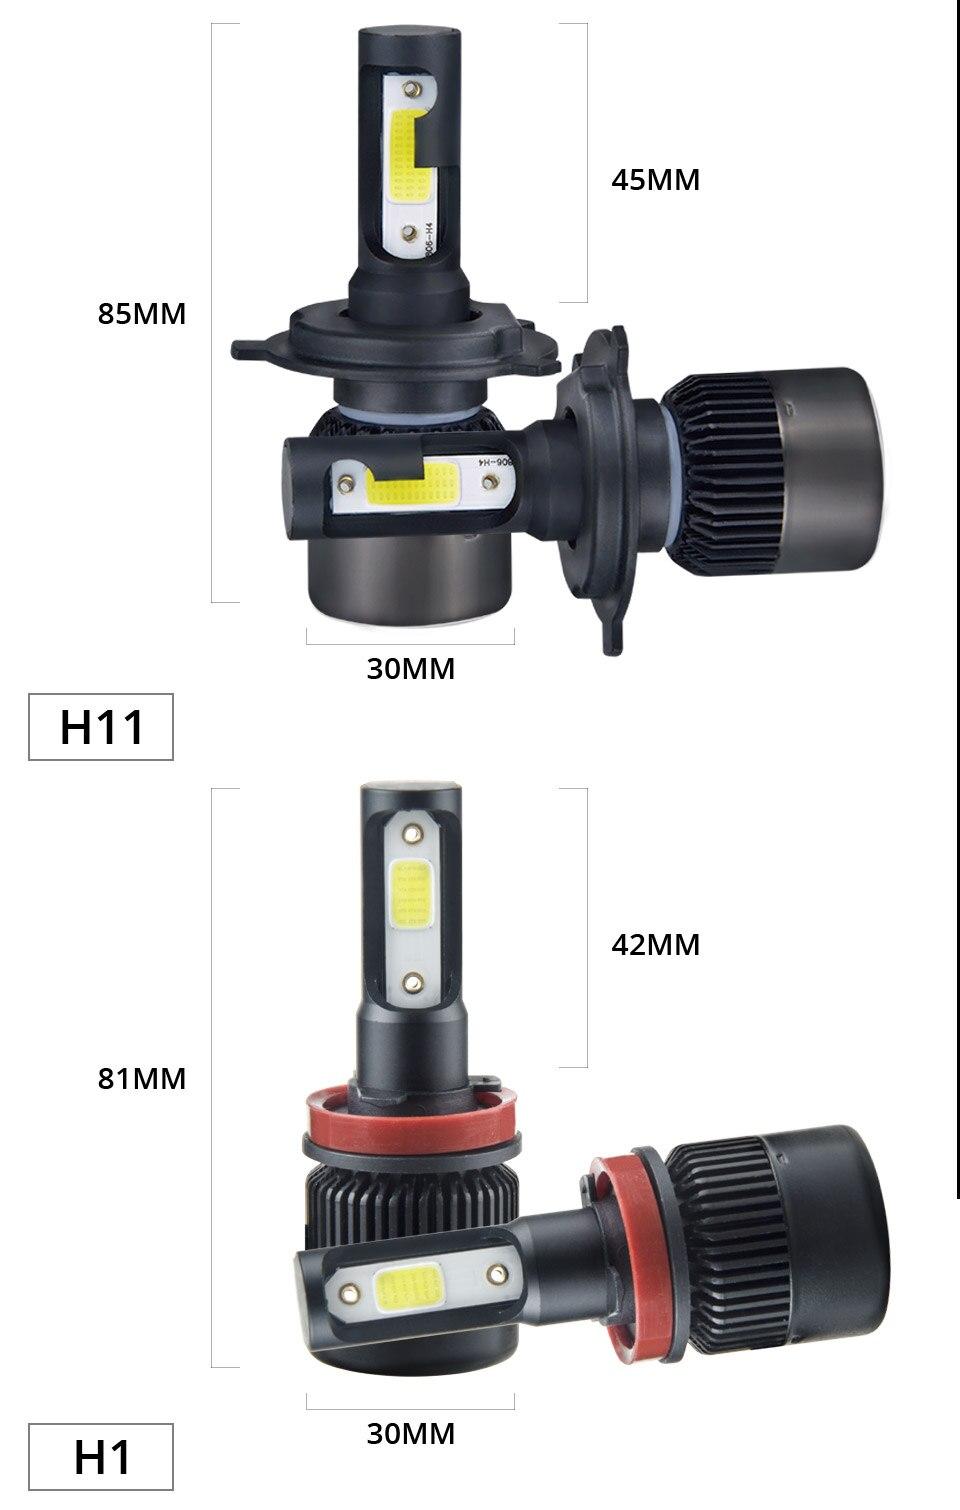 1 pcs LED H7 LED Car Headlight Bulb 8000LM LED H4 H7 H11 9005 9006 9012 4300k 6500k COB Hight Low beam MINI 12V 24V 72W 50000h (10)